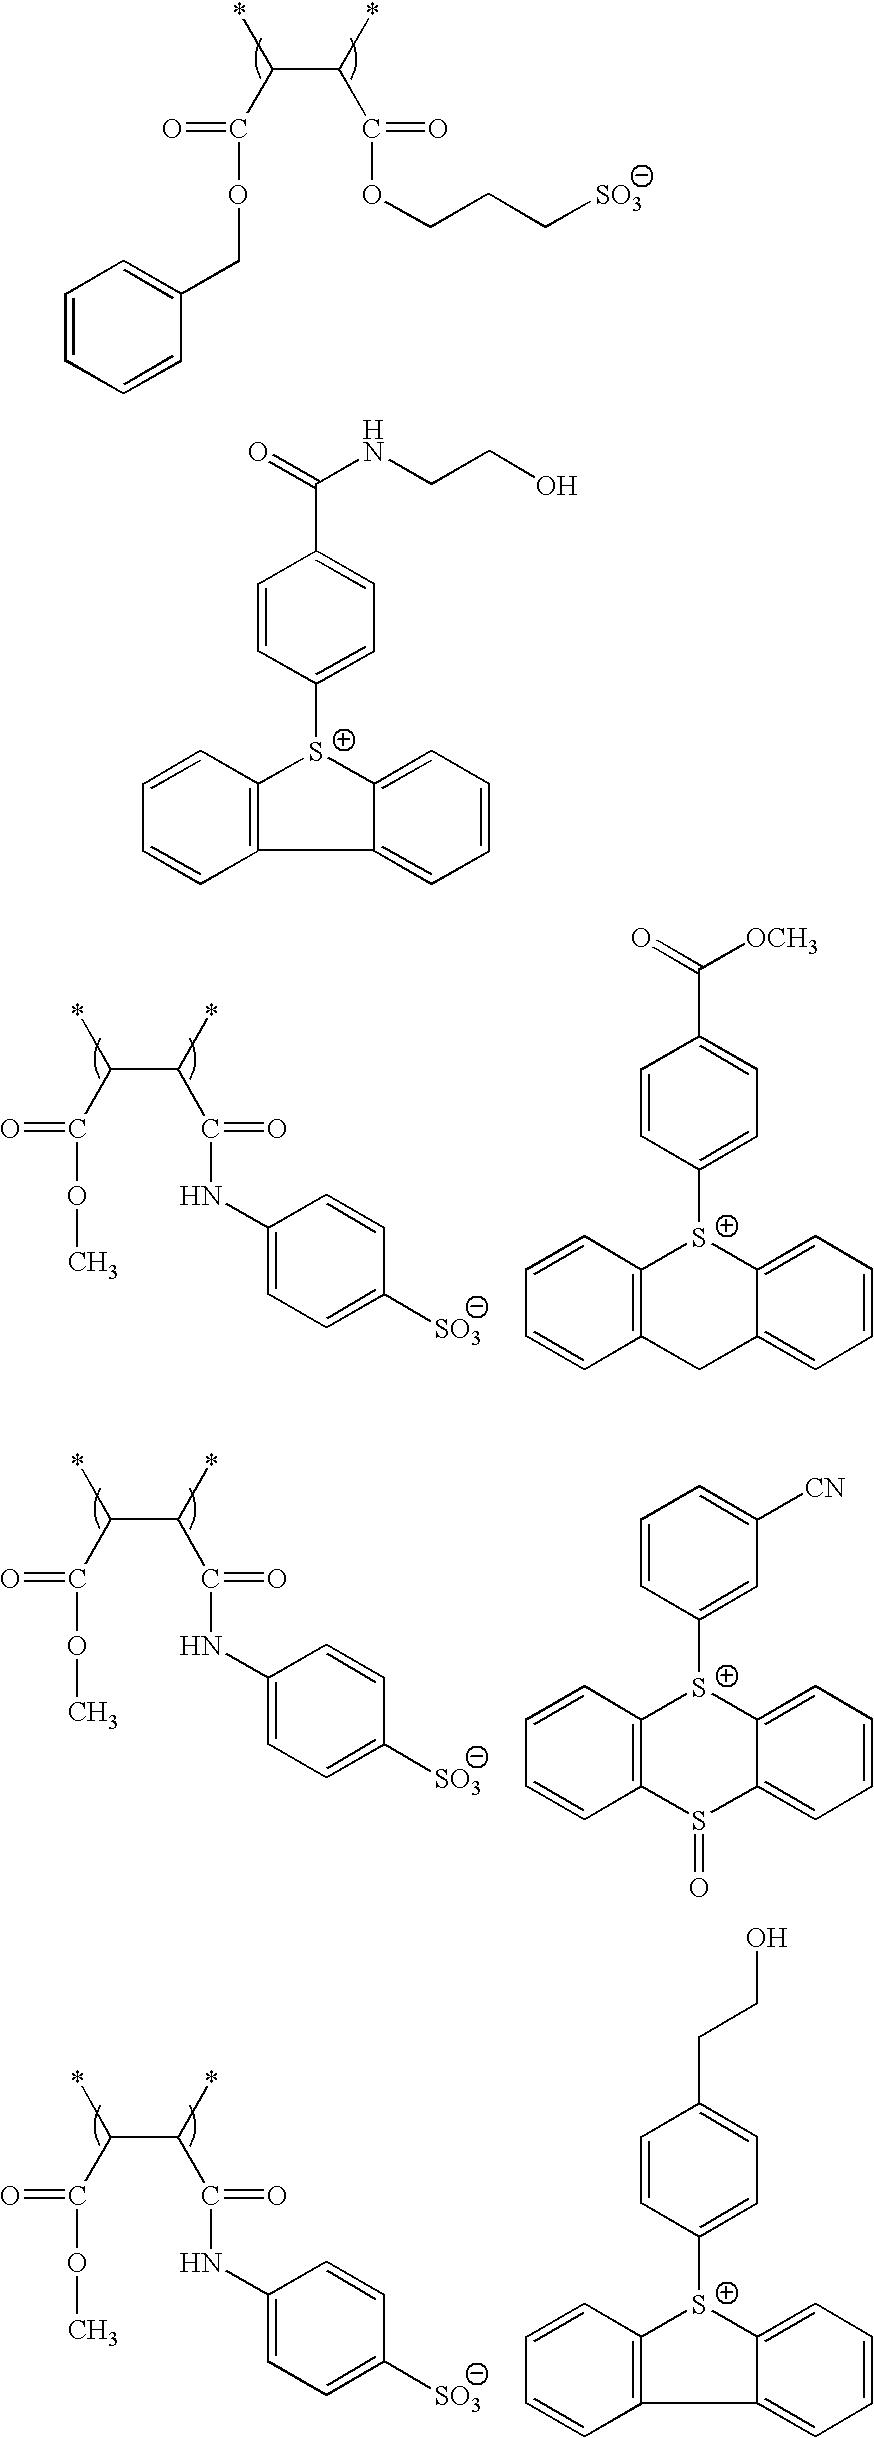 Figure US20100183975A1-20100722-C00080